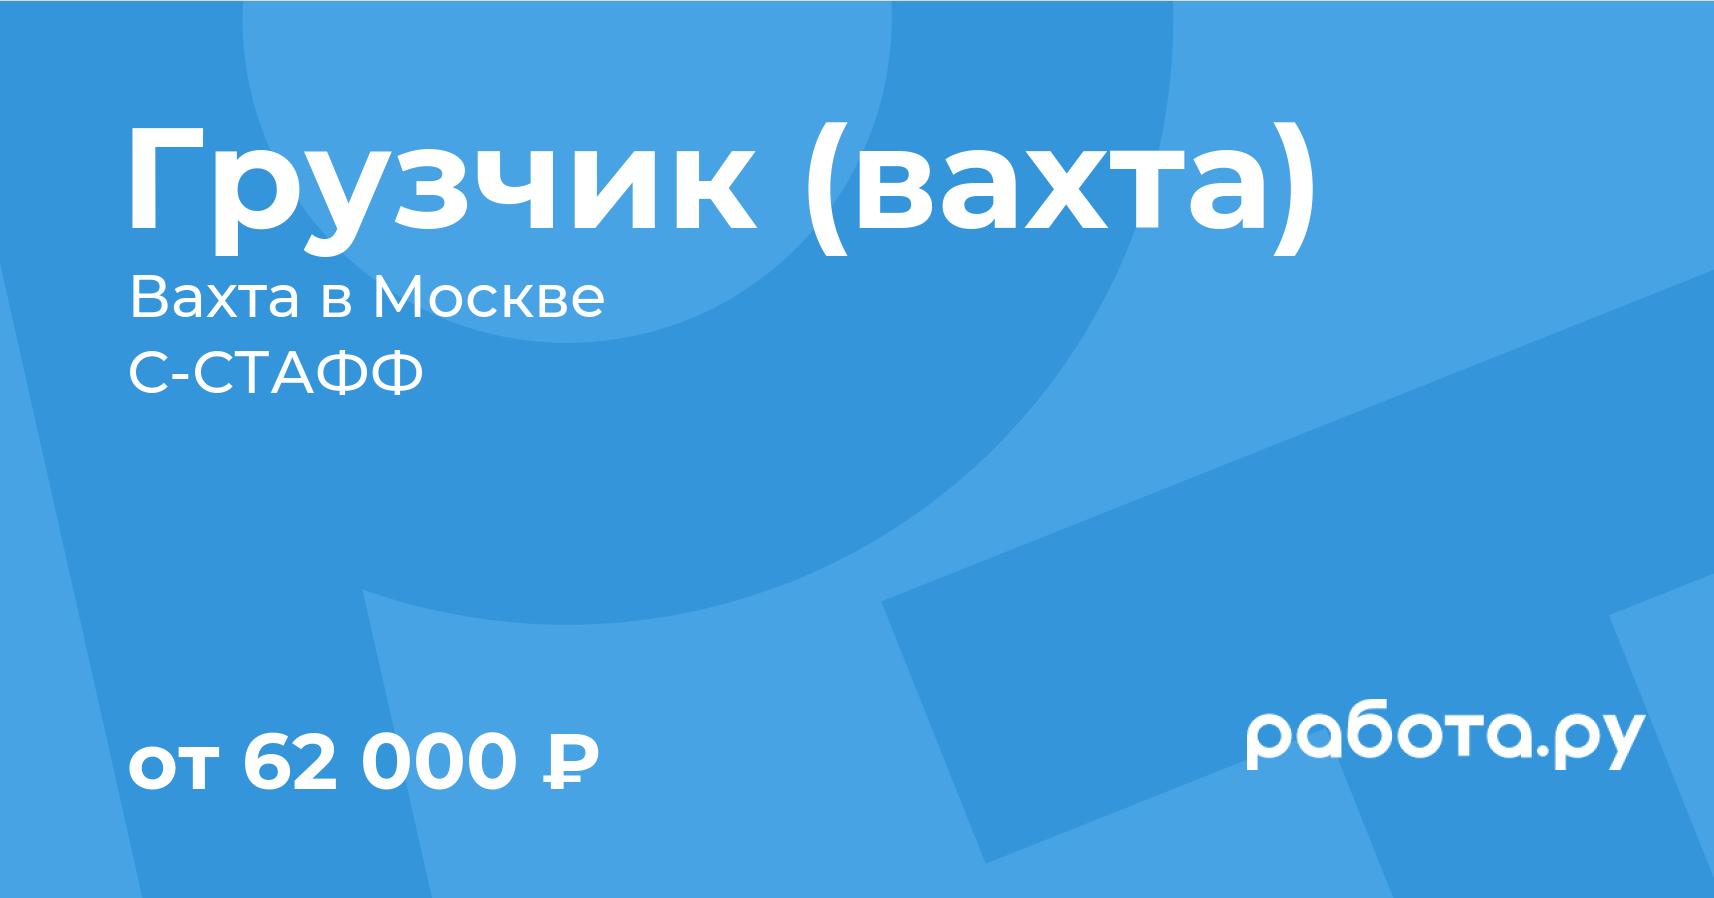 Вакансия Грузчик (вахта) в Москве с зарплатой 62 000 руб